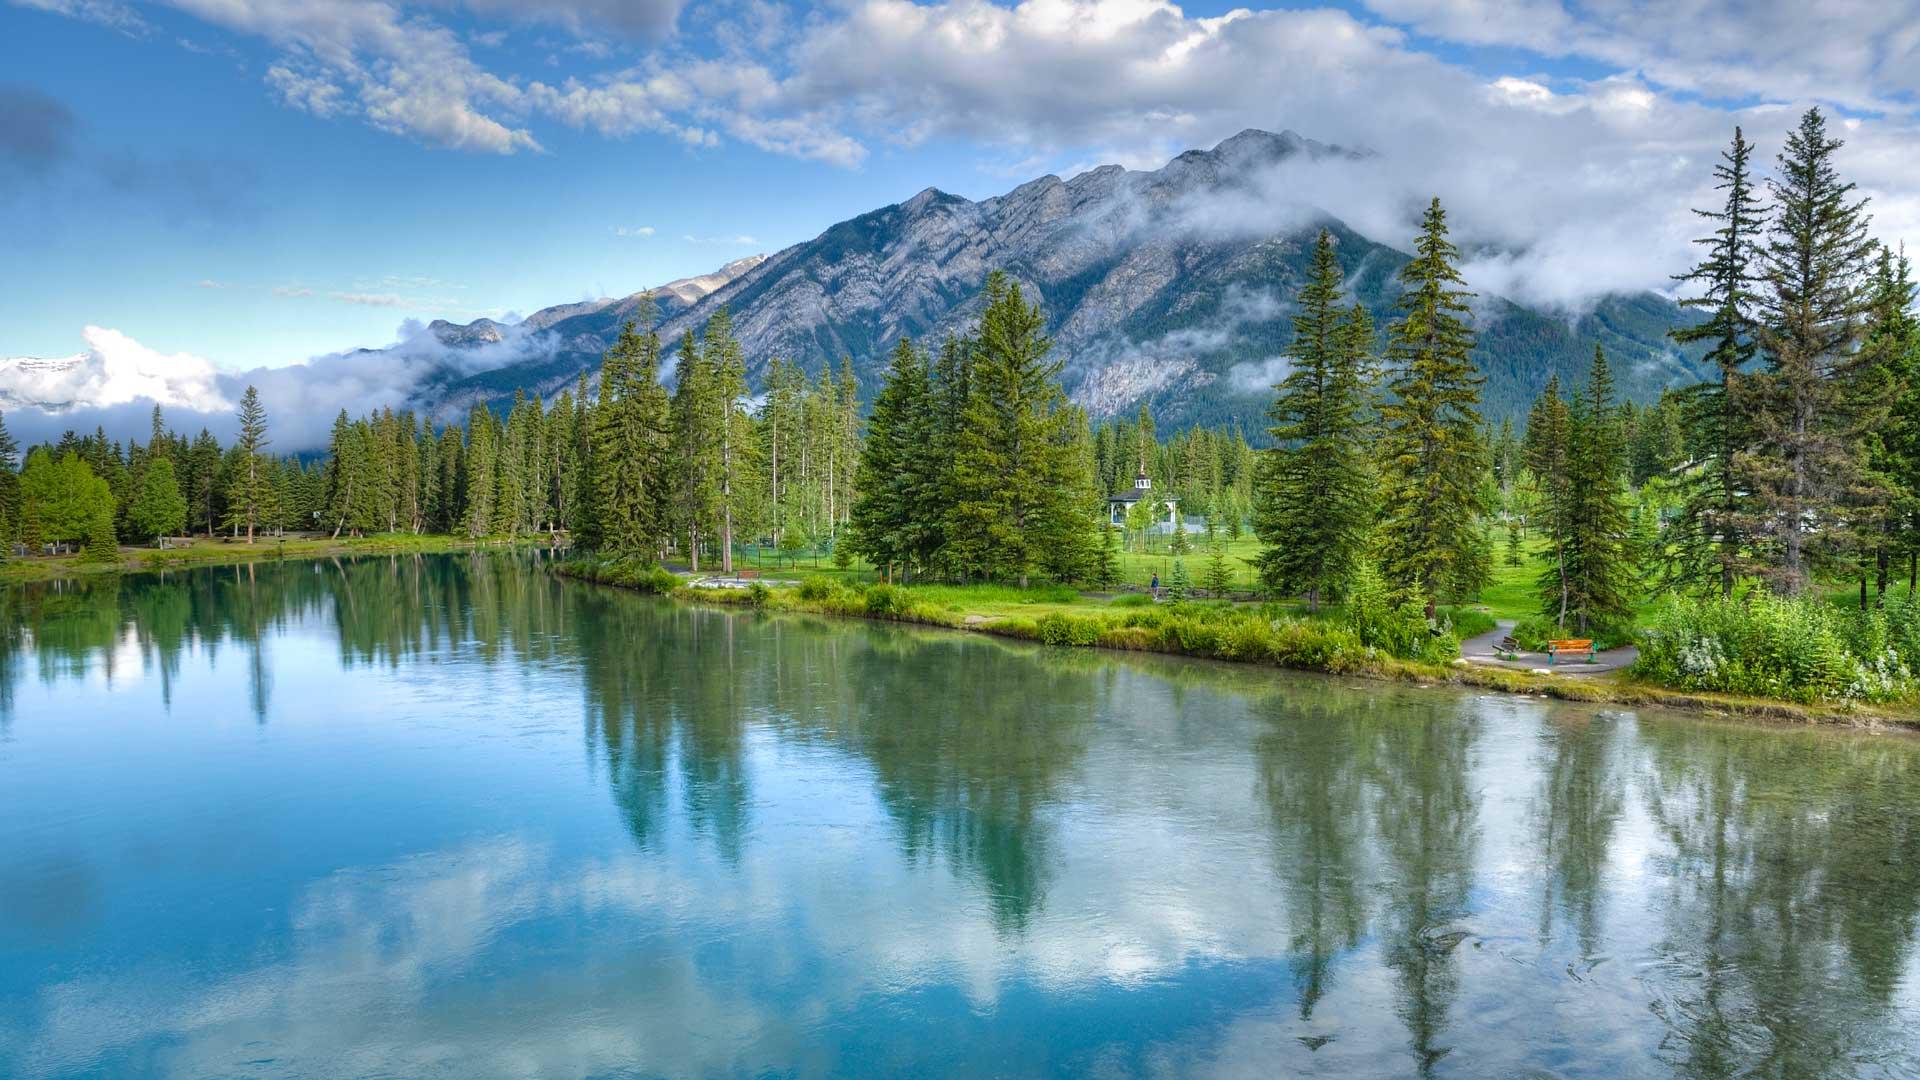 Tournée express des Rocheuses Canadiennes: de Banff à Jasper